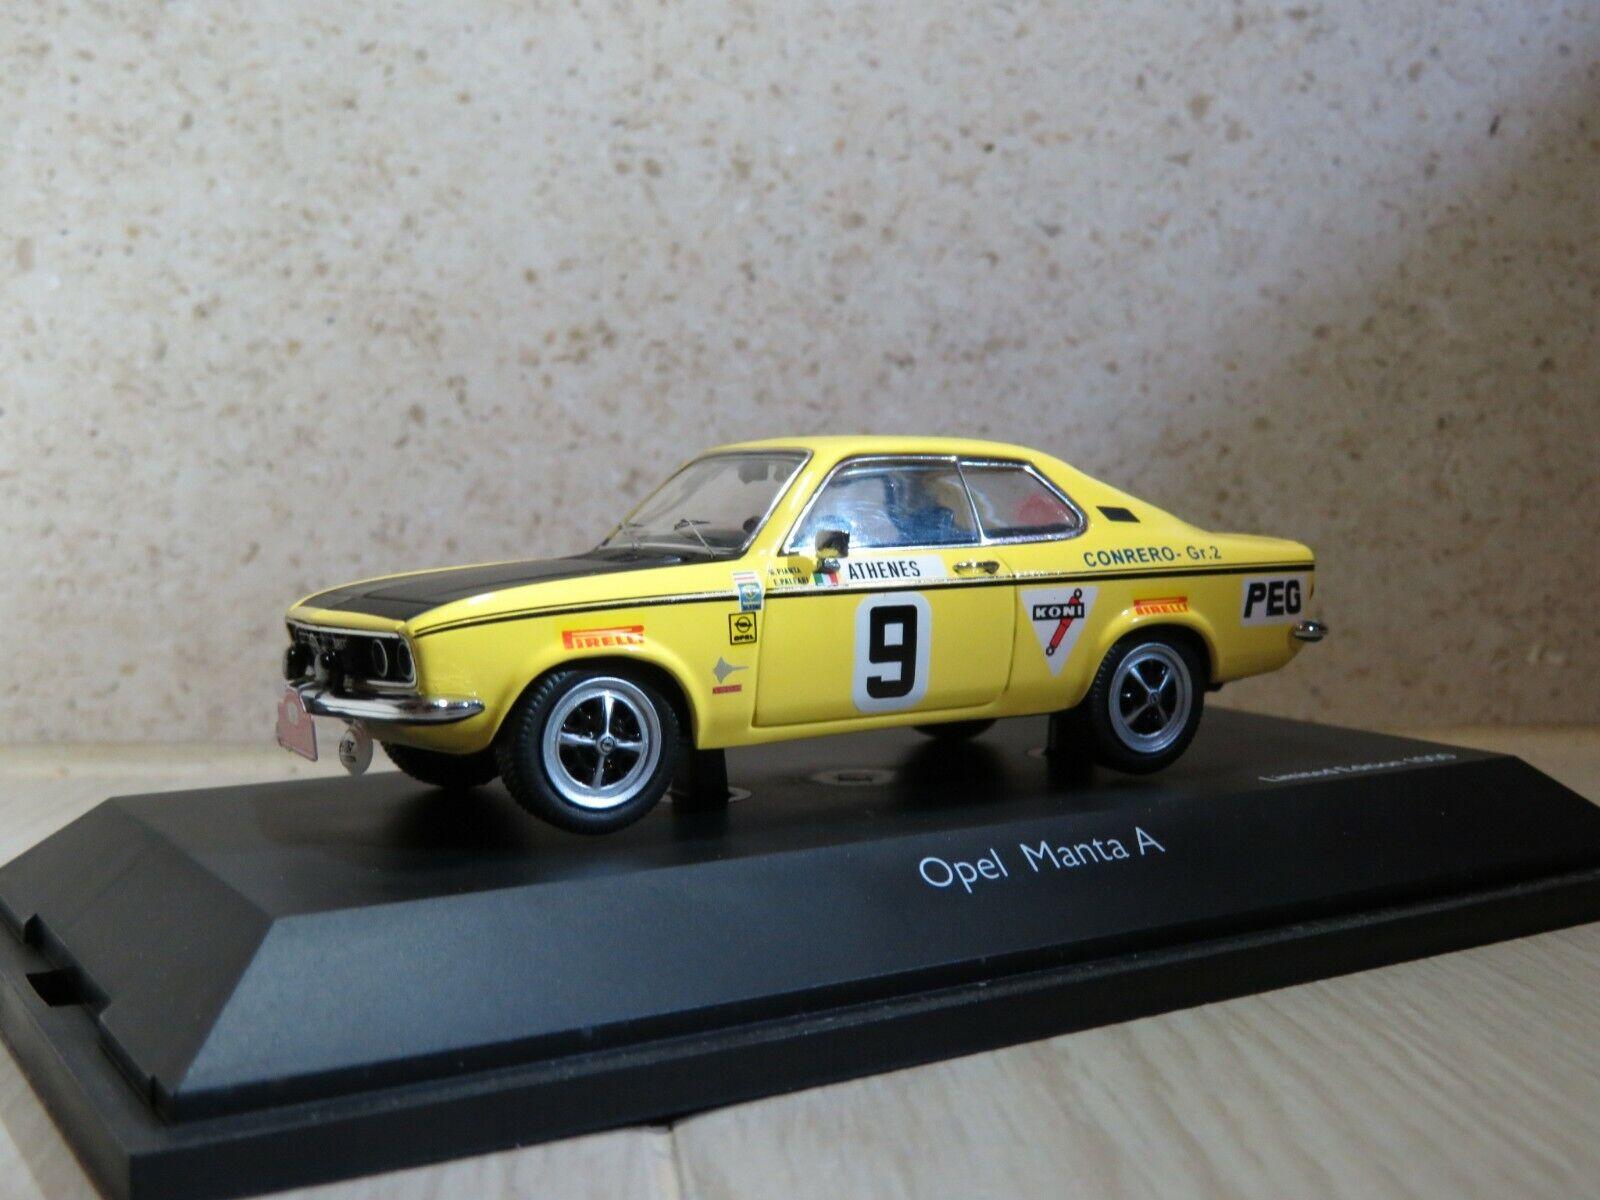 1 43 Schuco Opel Manta A Conrero diecast LS